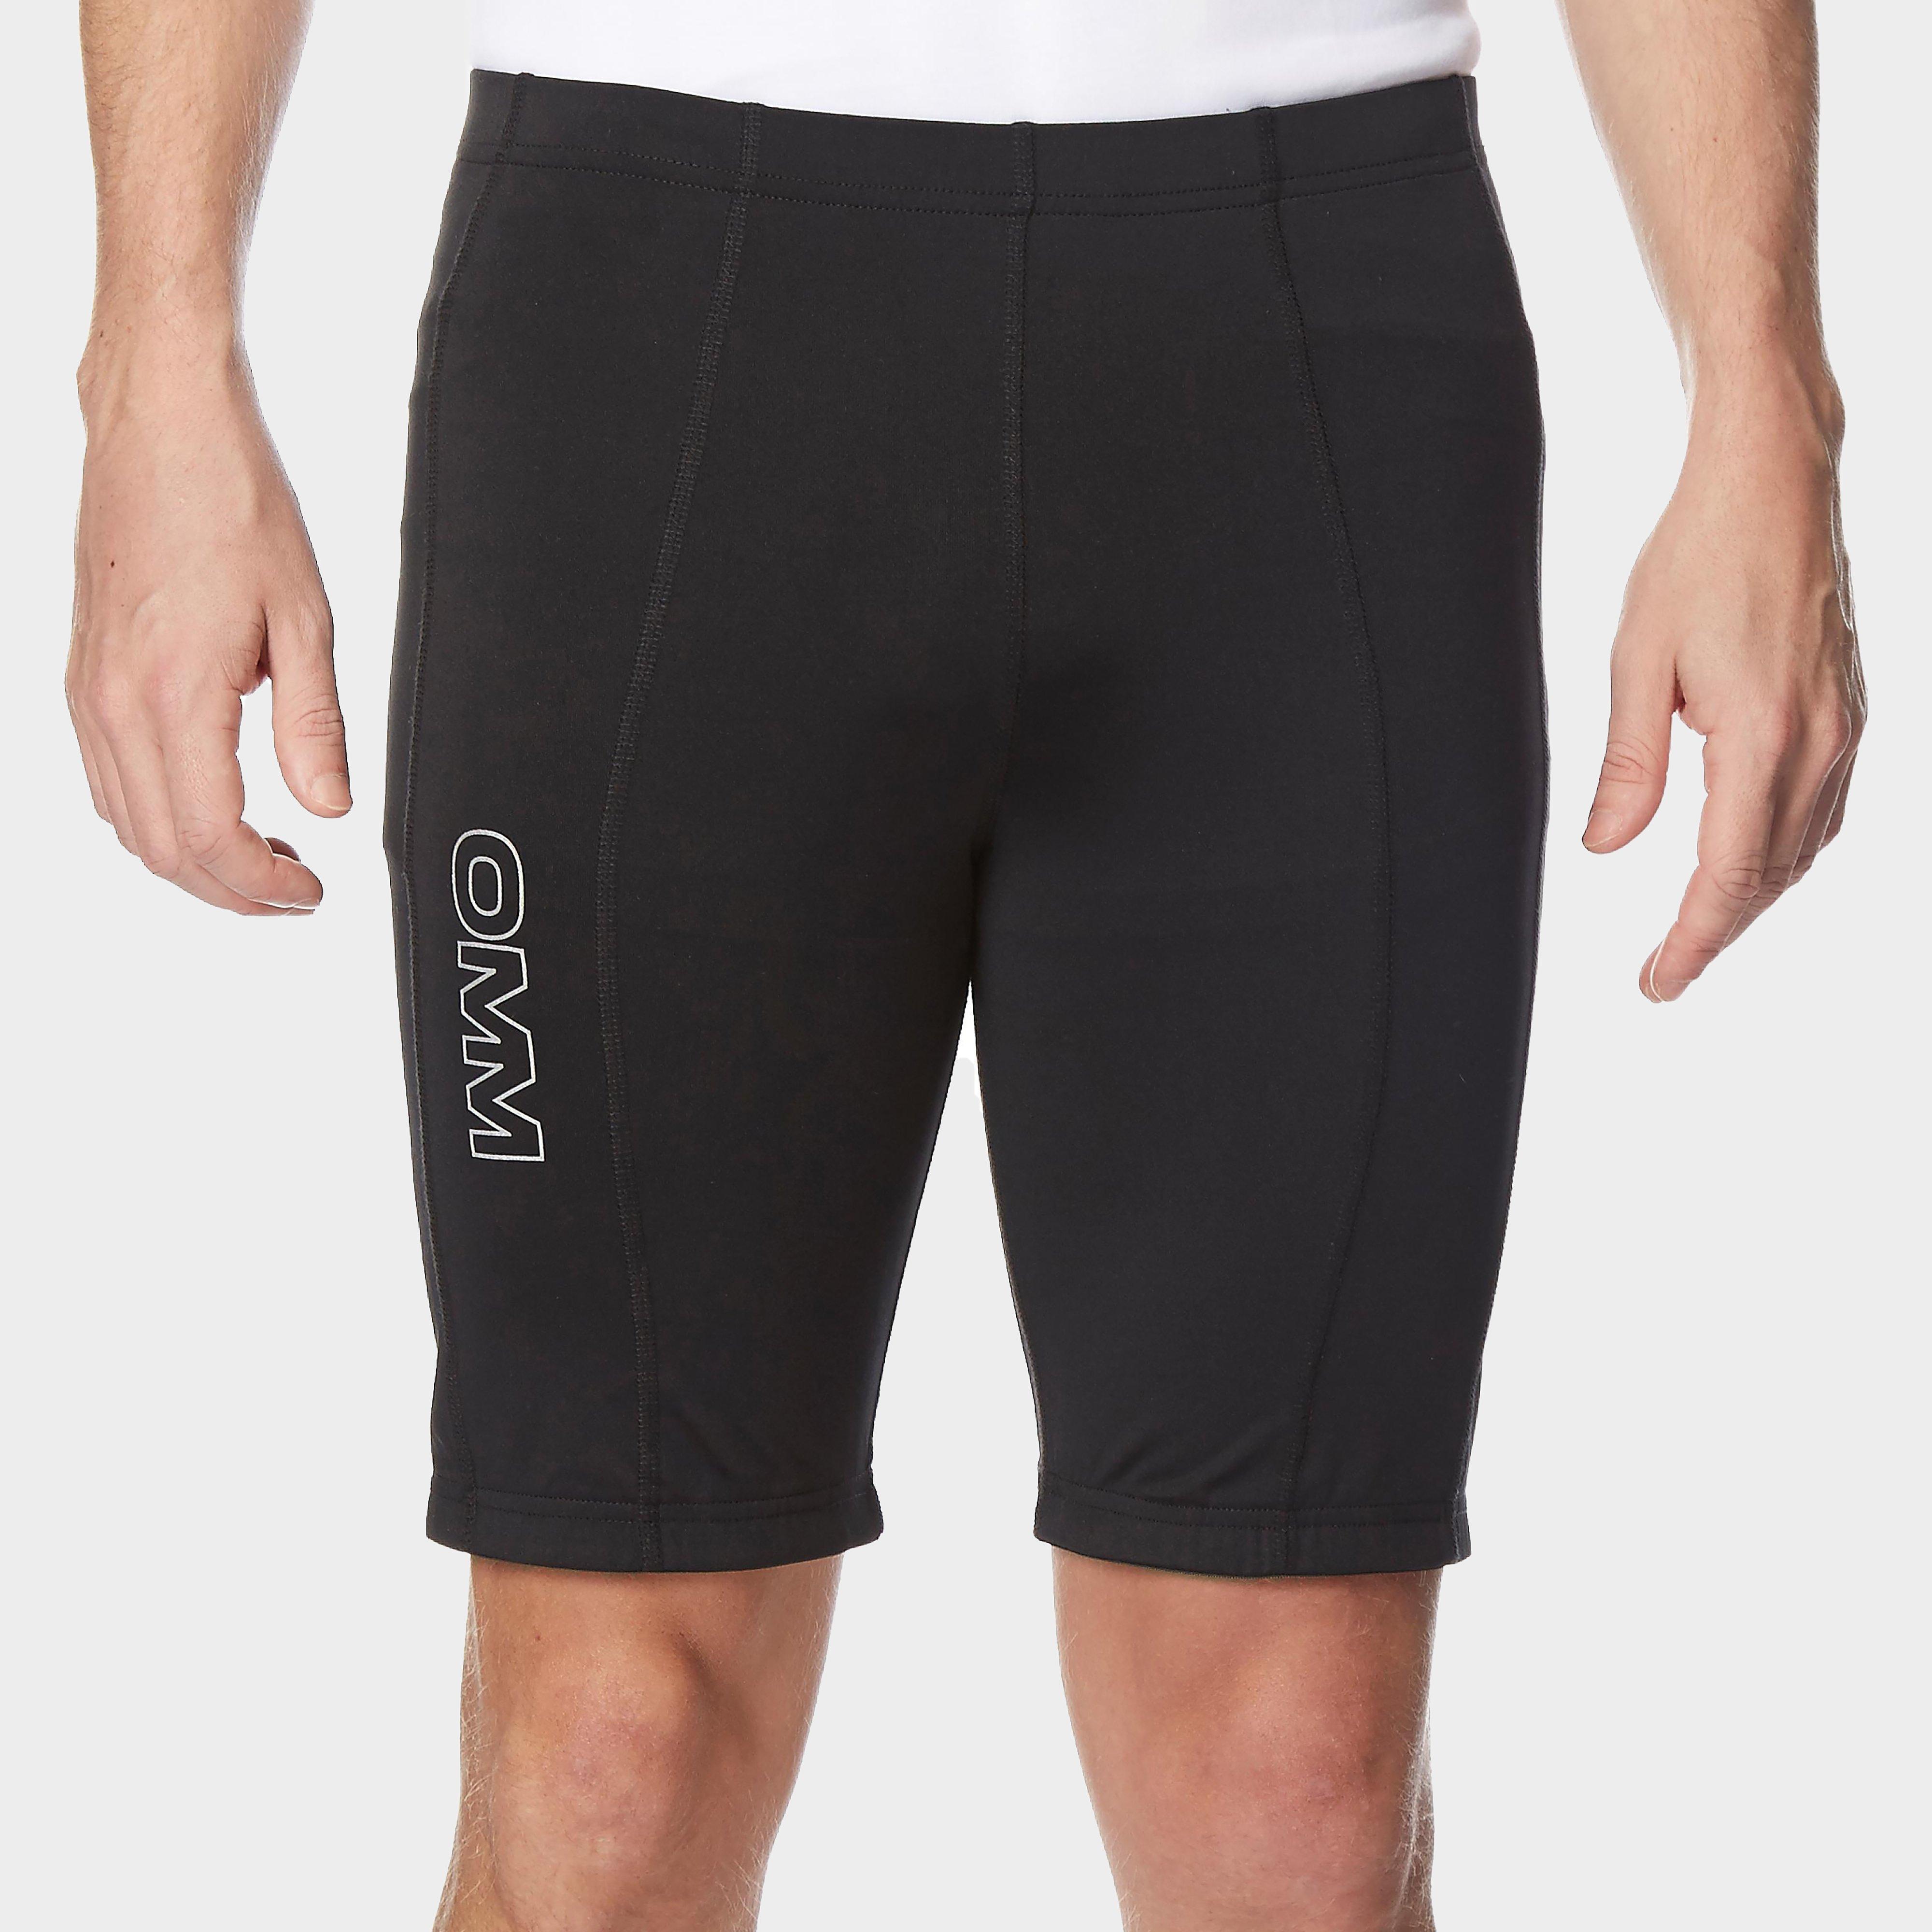 Omm Omm Mens Flash 0.5 Short Cut Running Leggings - Black, Black